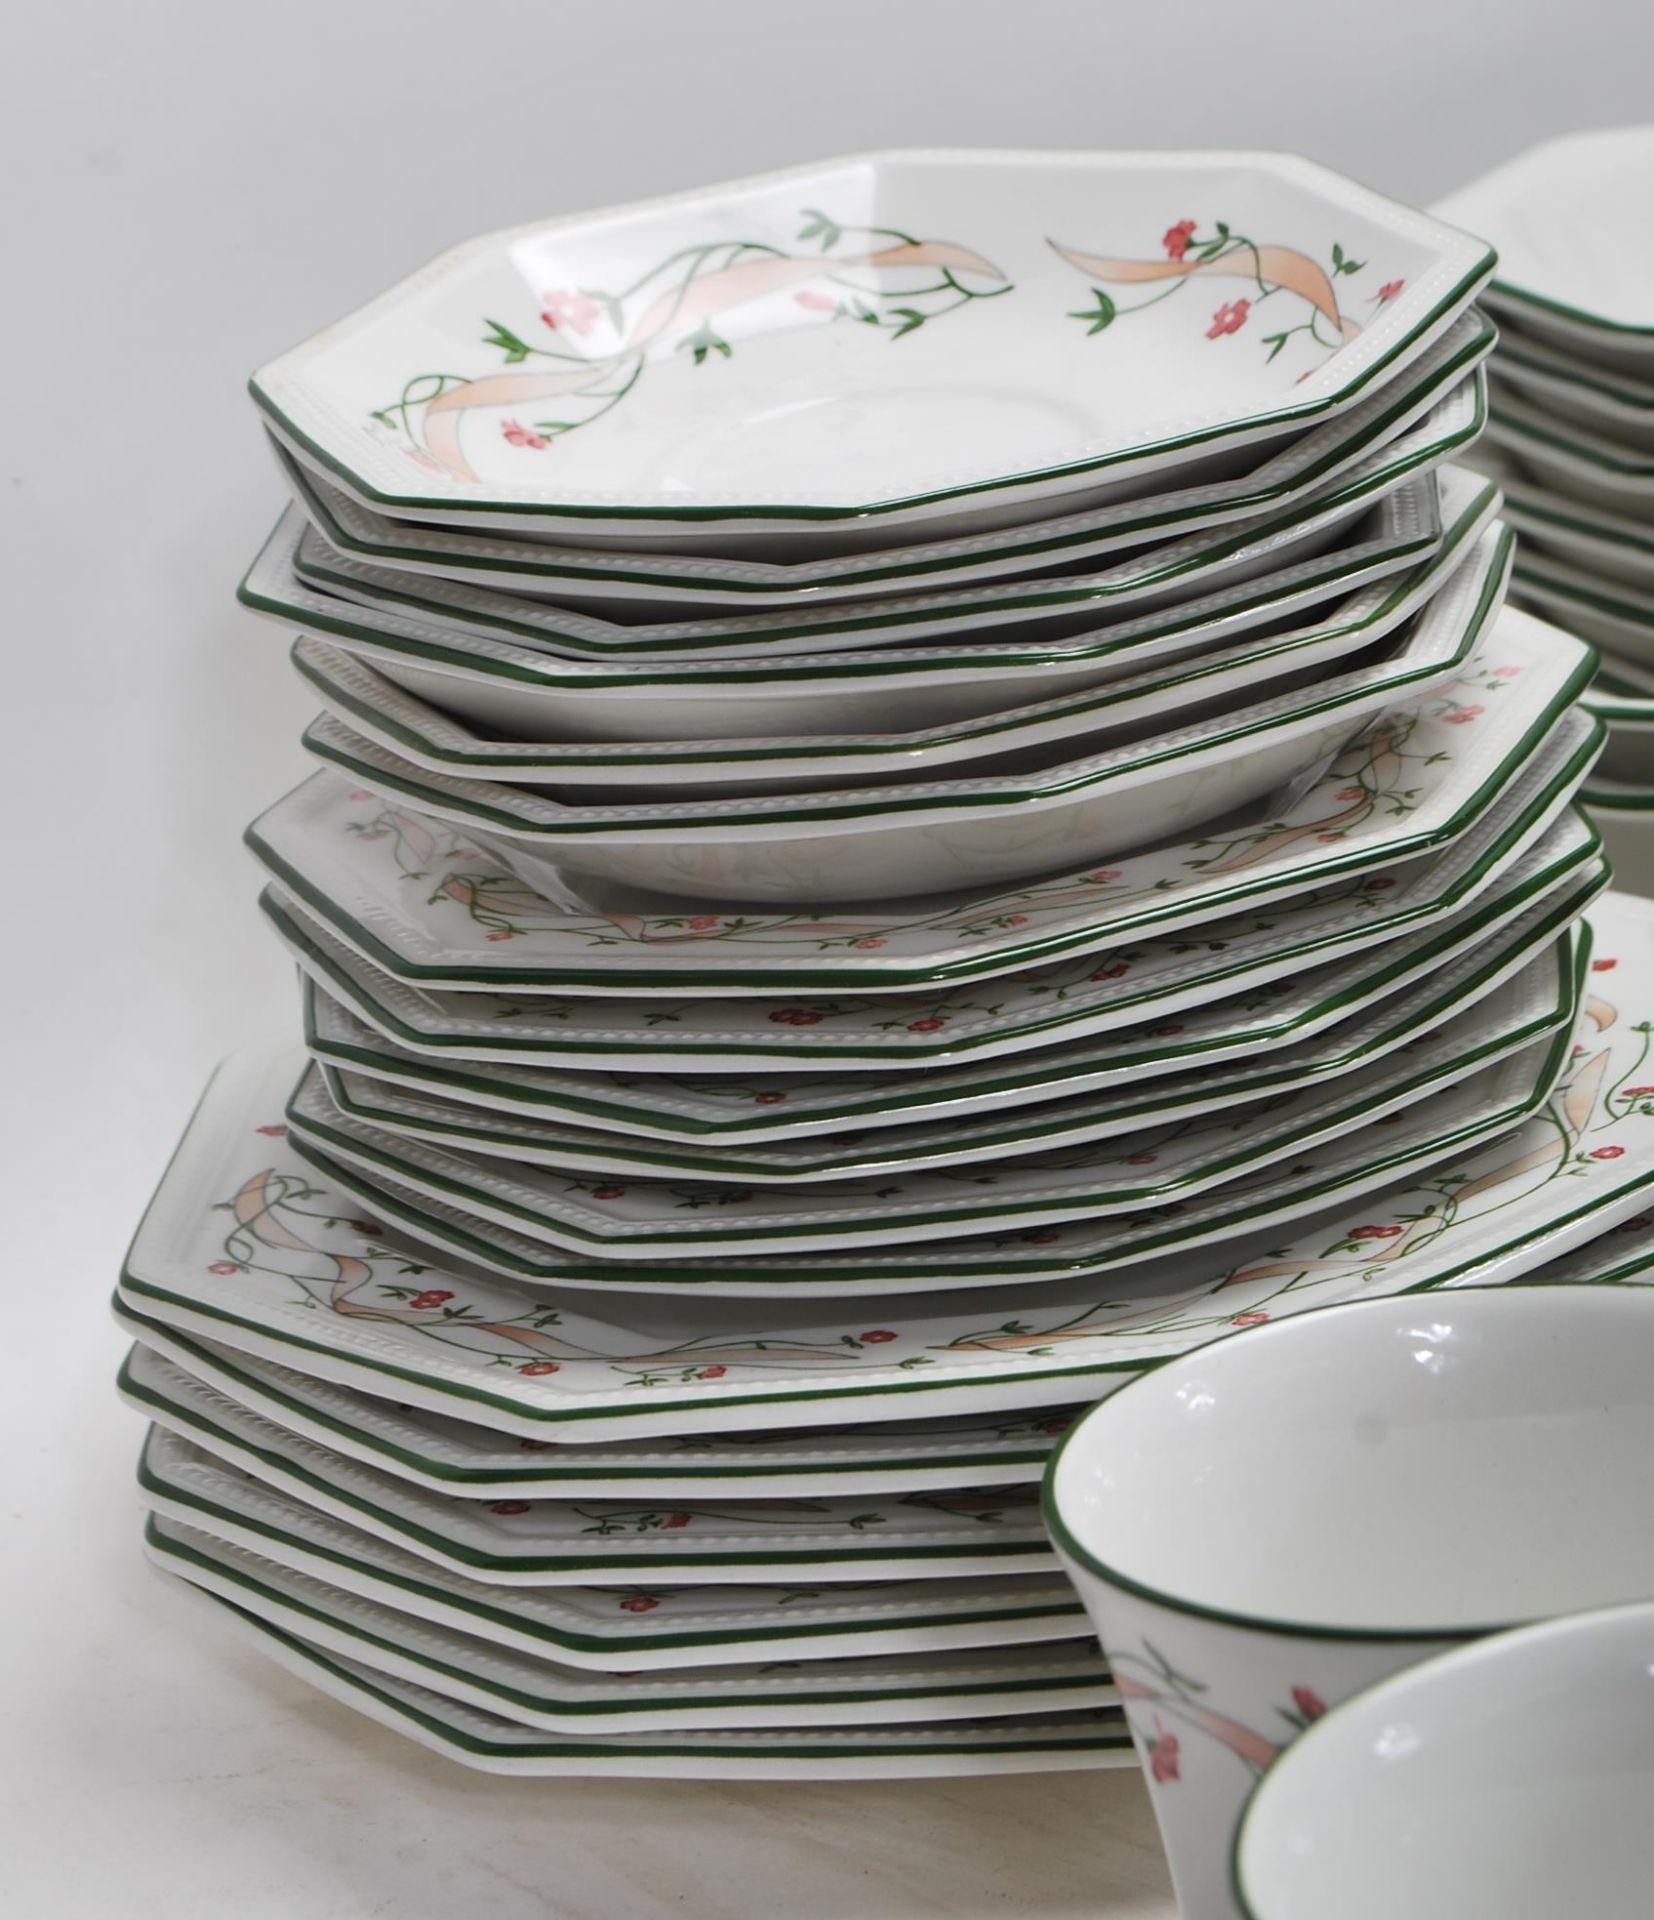 LAARGE DINNER SERVICE BY JOHNSON BROS ETERNAL BEAU - Image 14 of 19